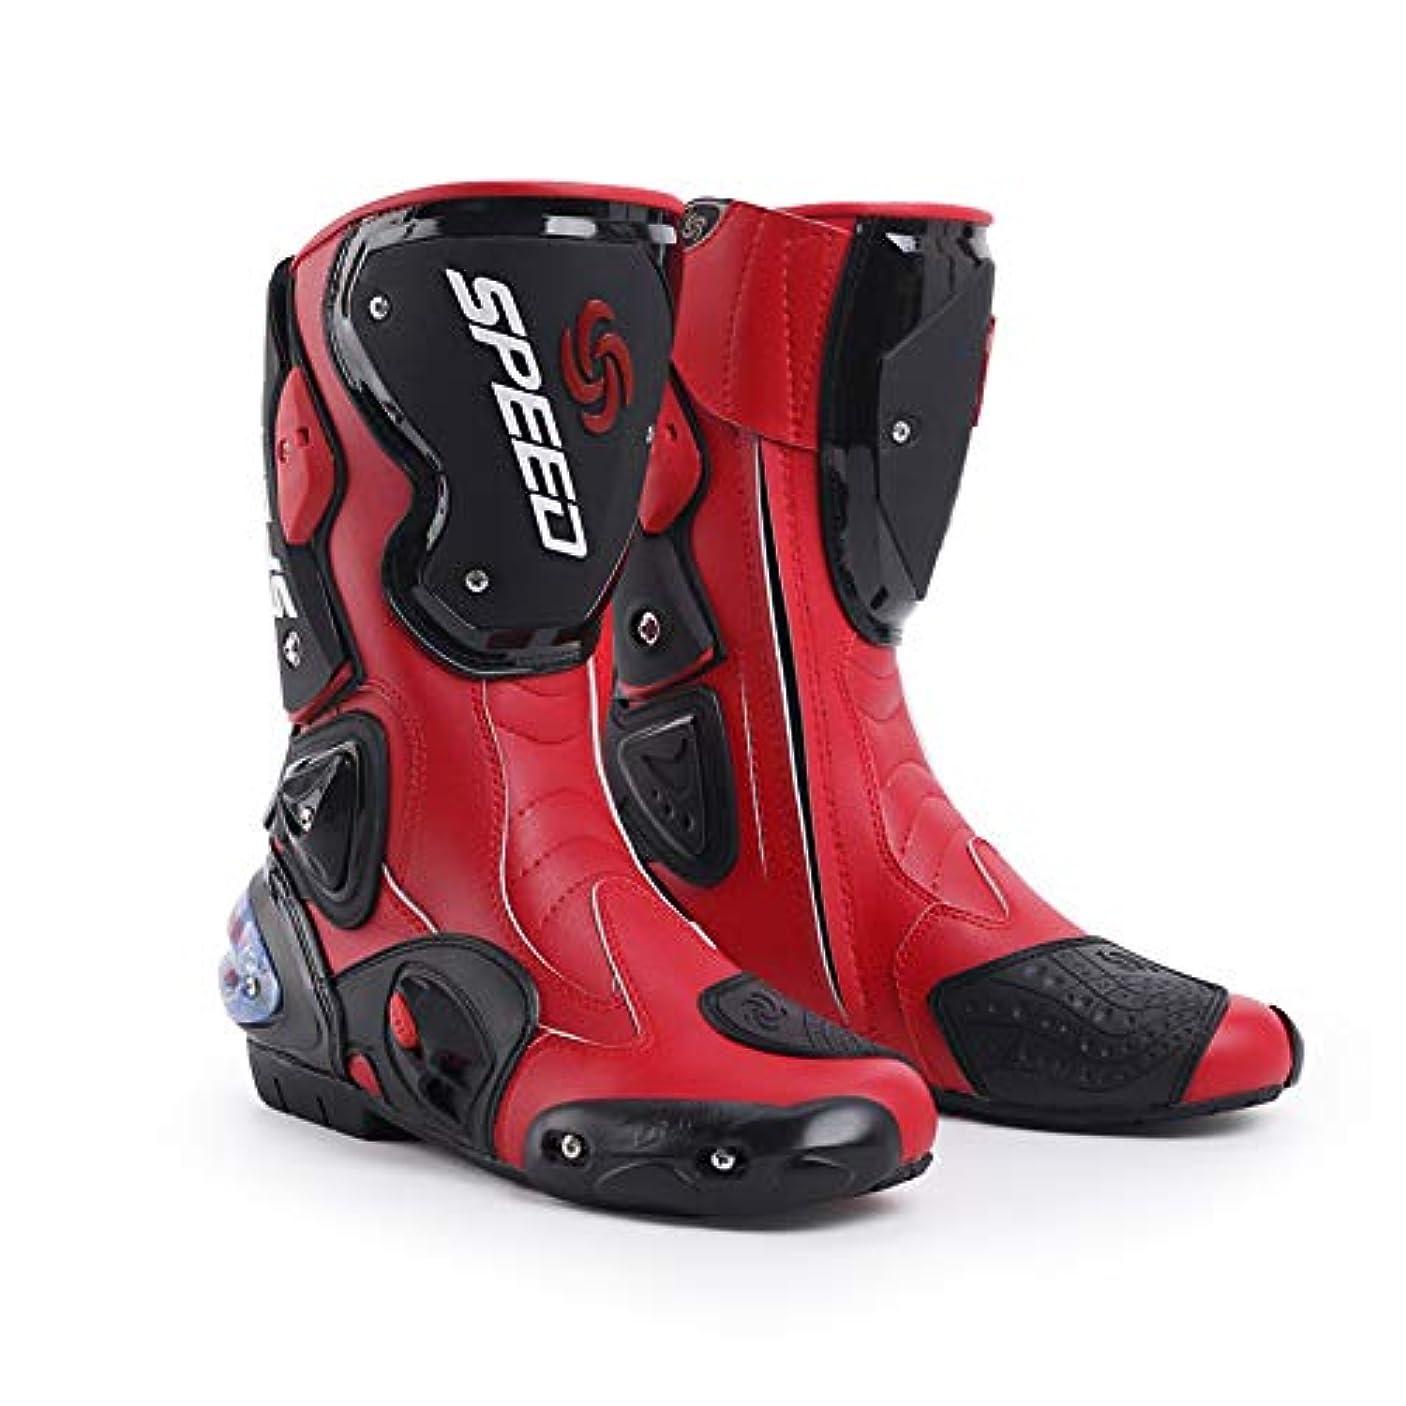 多用途冒険者フリルX.N.S(希望) XNS-017 四季通用 メンズオートバイ靴 バイク用ングブーツ バイク用ブーツ バイク用レーシングブーツ (43(約26.5-27cm), レッド)